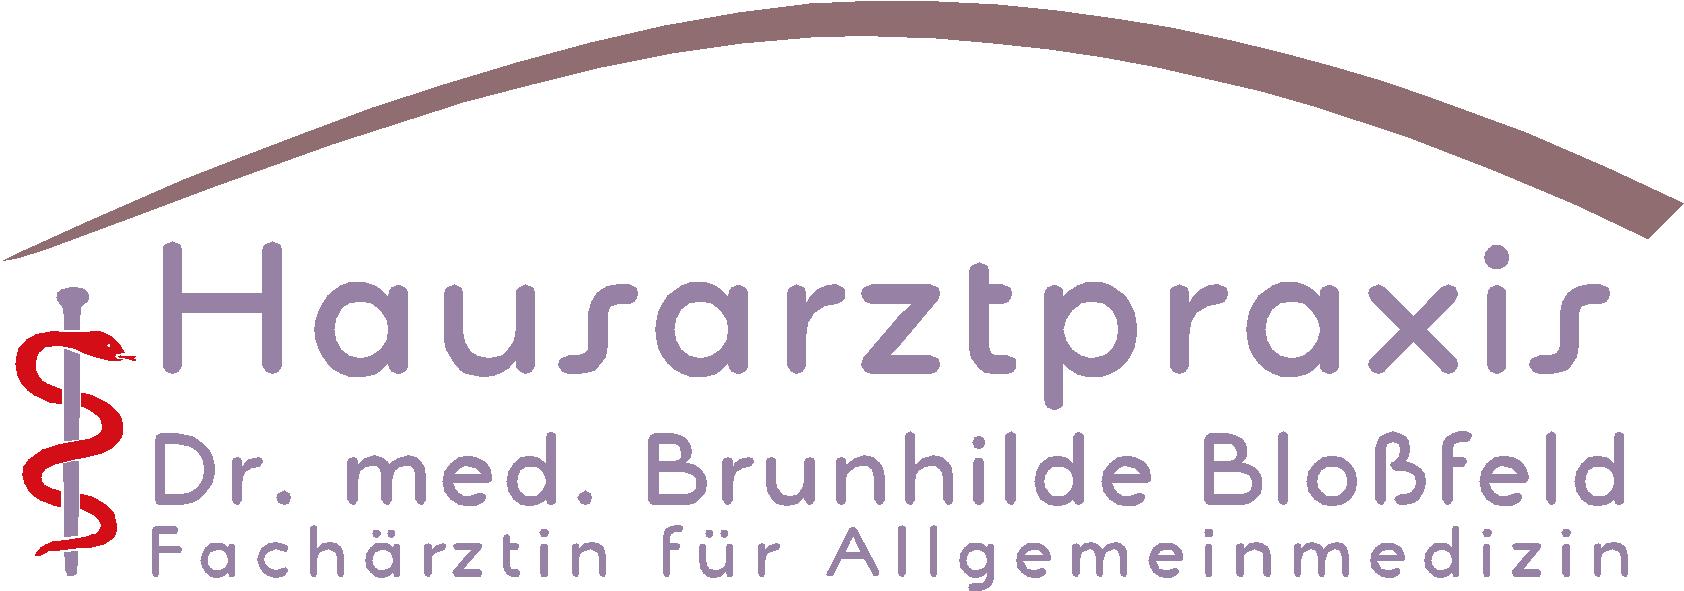 Logo der Haushartpraxis Brunhilde Bloßfeld